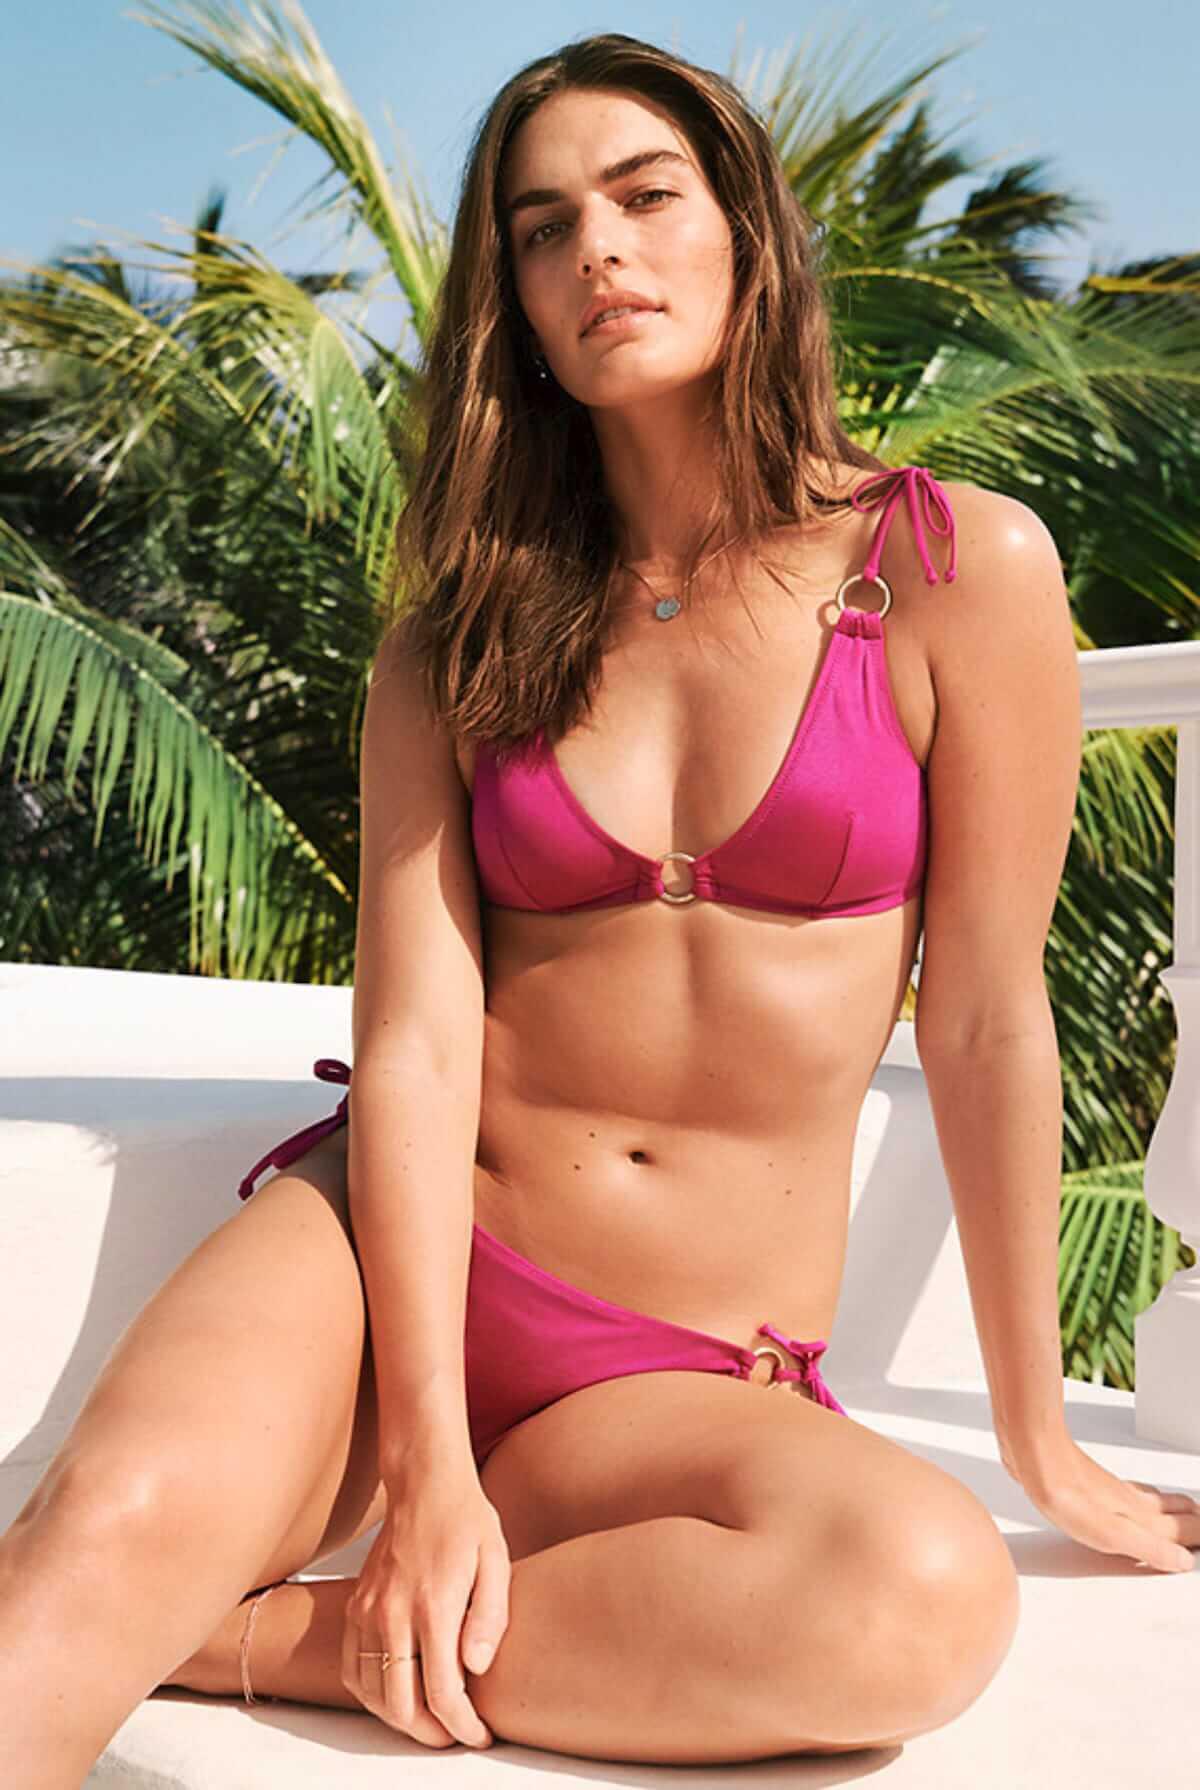 H&Mが2018年夏向け、環境に配慮した素材の水着を発売決定! fashion180518_hm_4-1200x1790